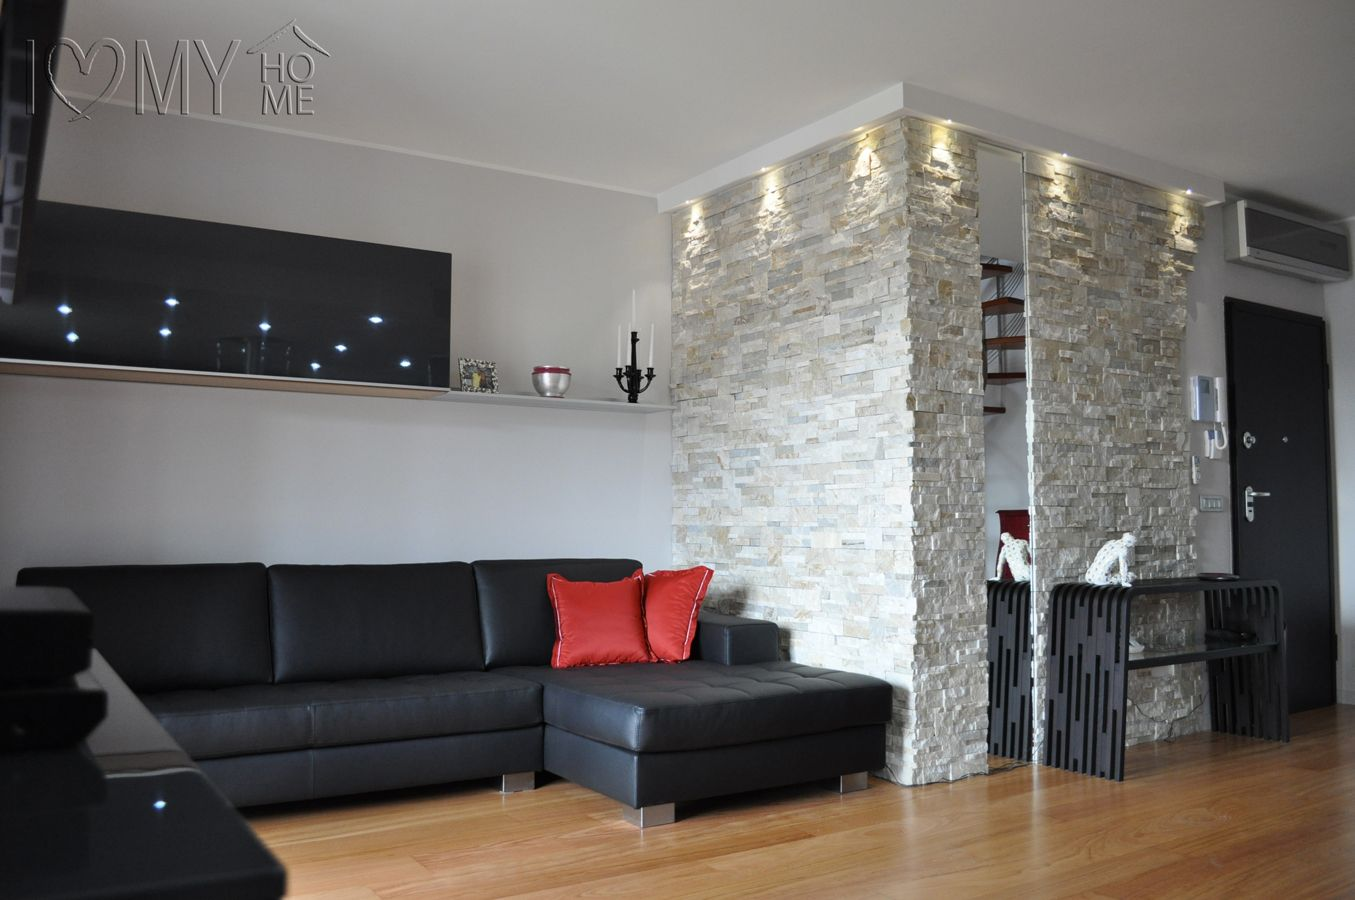 Openspace con parete in geopietra e specchio ed elegante